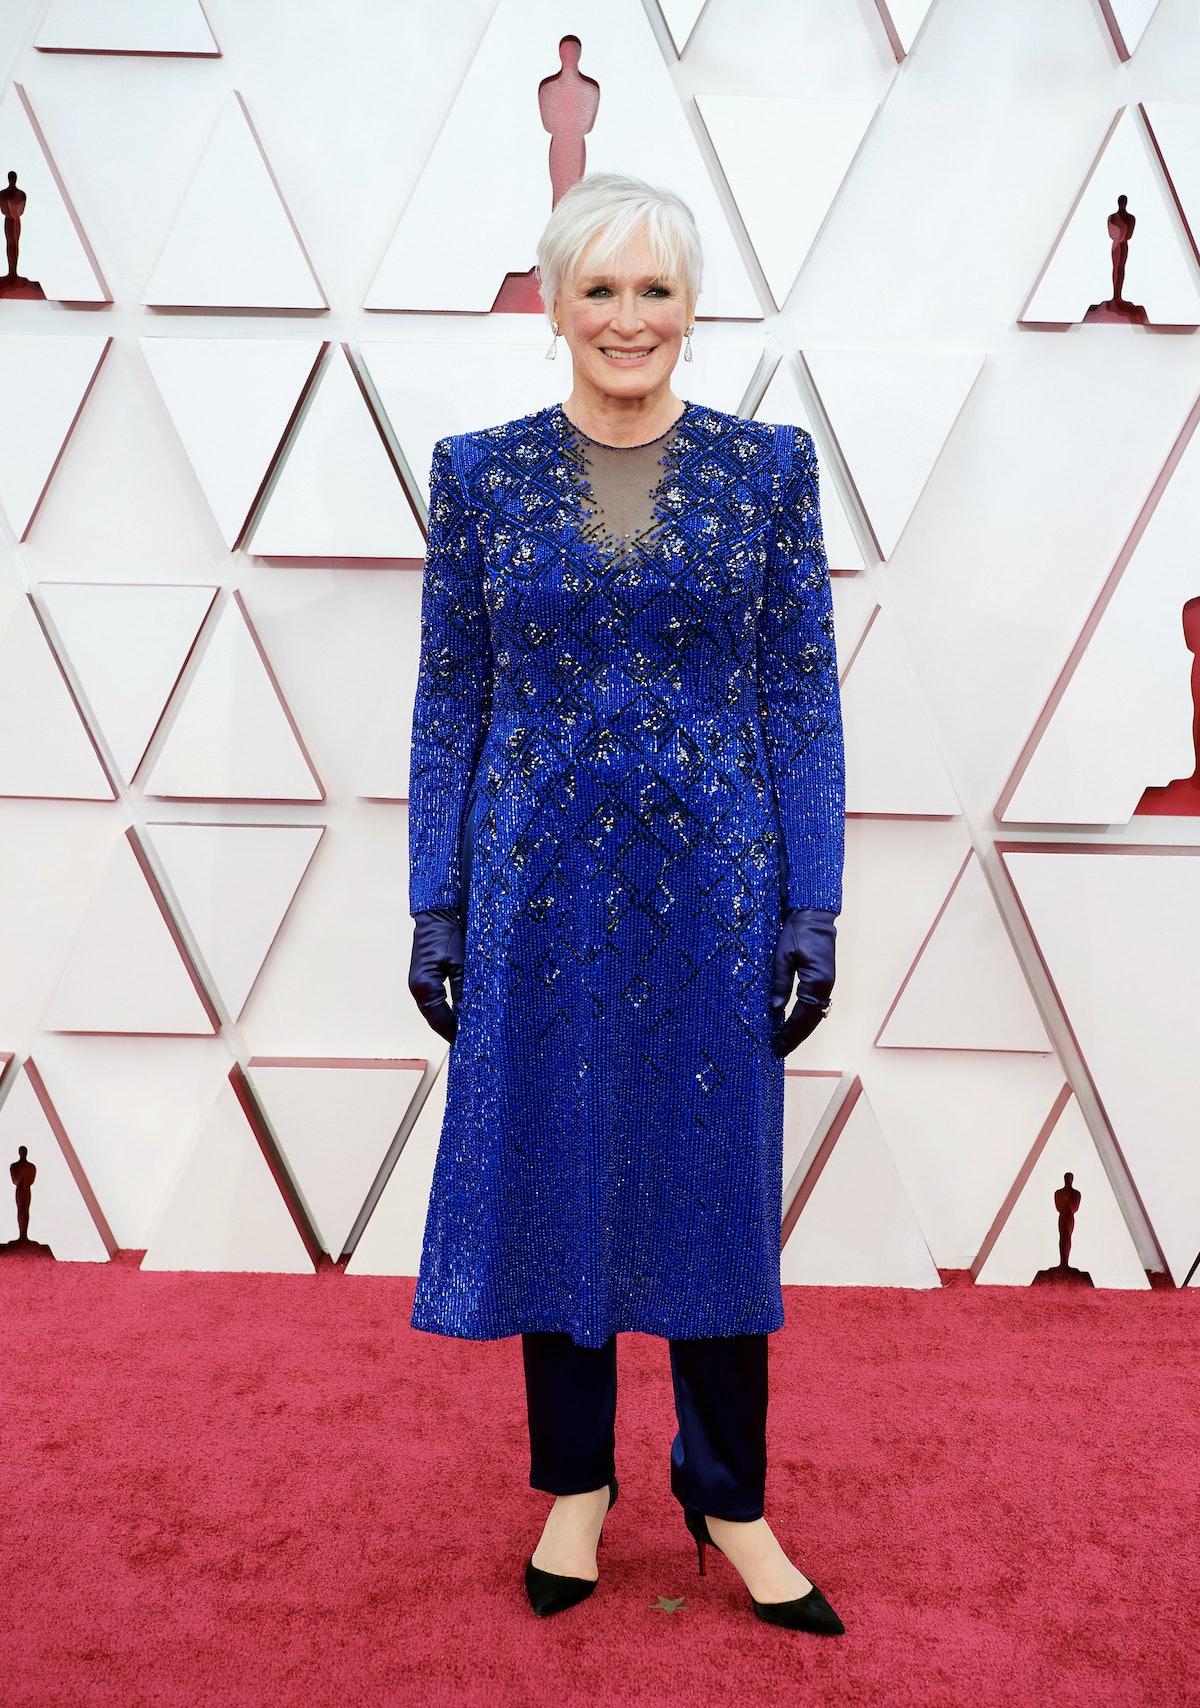 Glenn wears blue gown